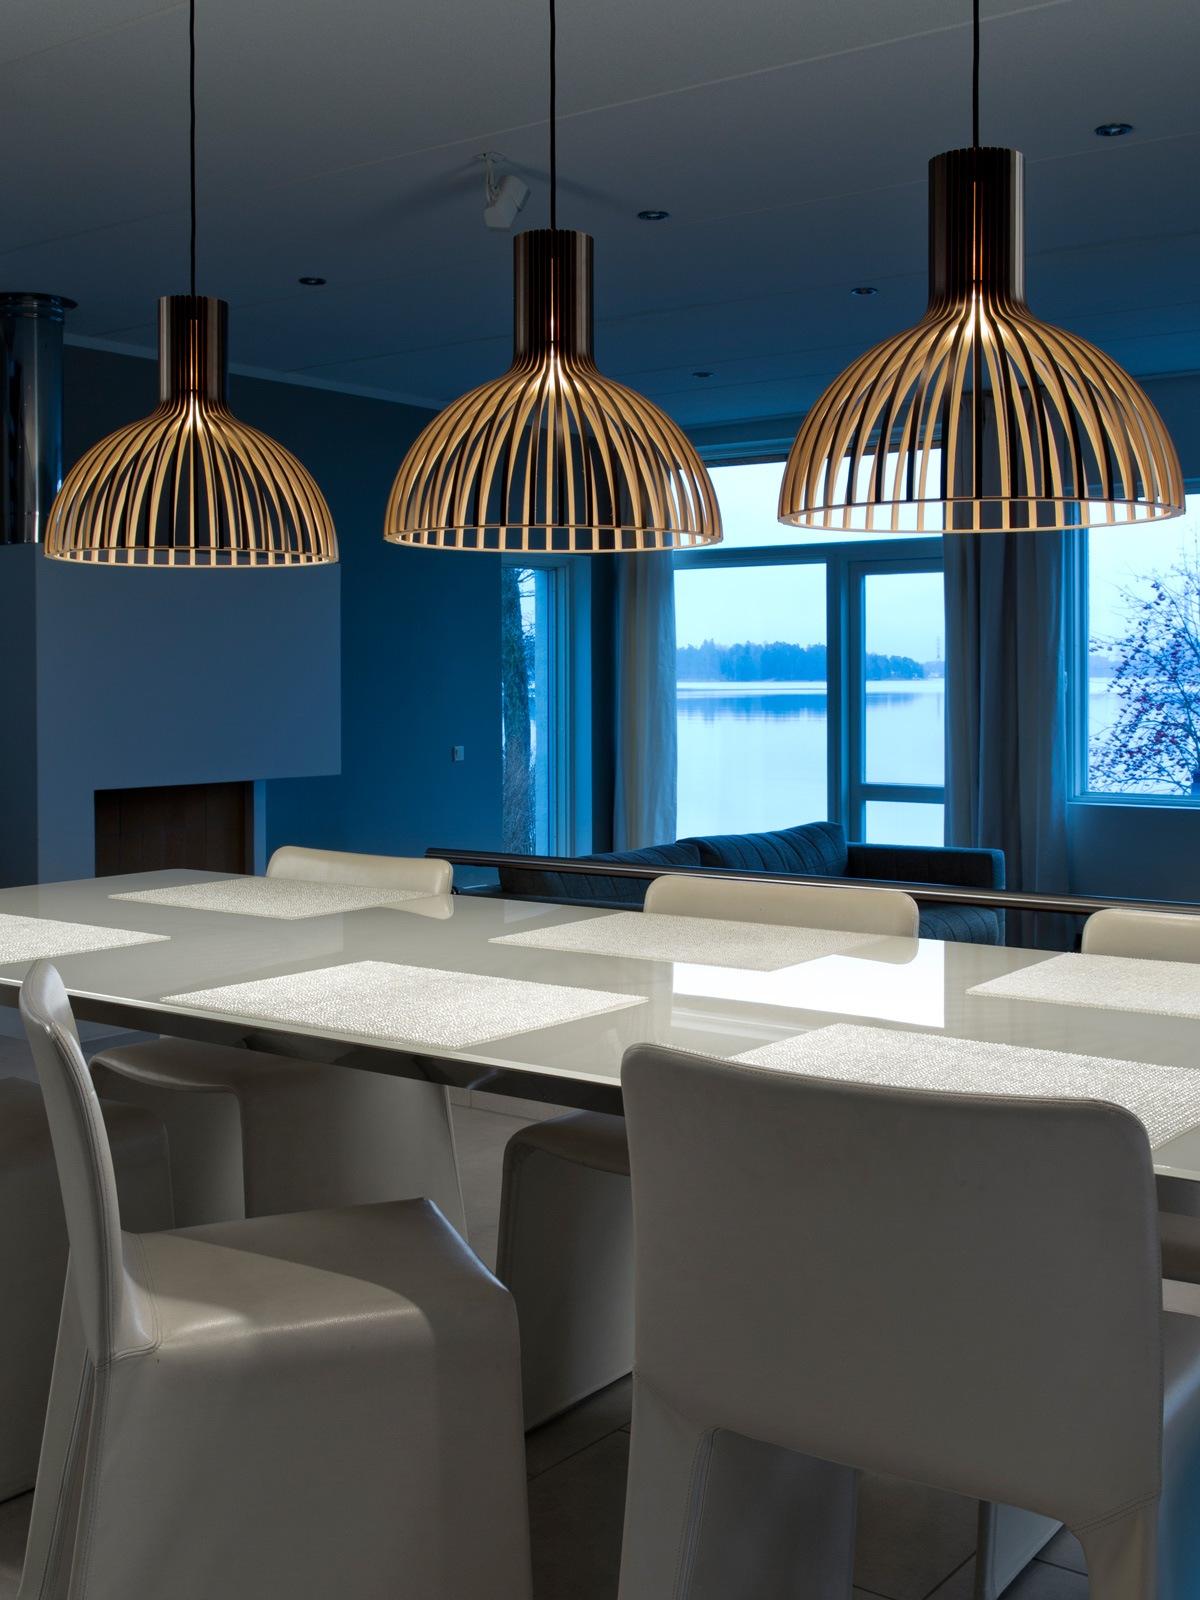 Lampen Blog: Trend: Pendelleuchten in Gruppen hängen Victo 4250 von Secto Design